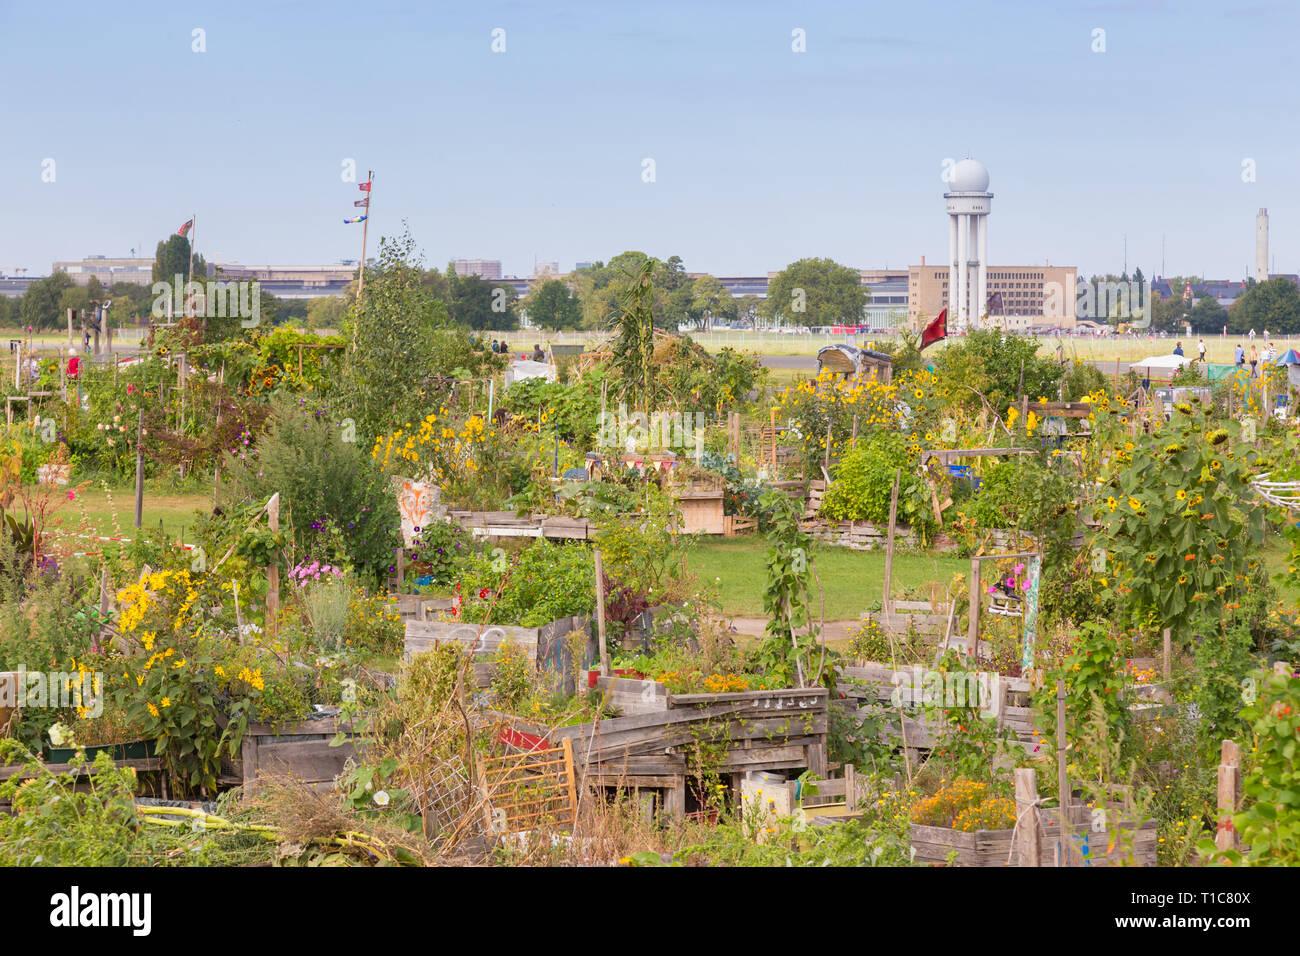 Urban gardening at Tempelhofer field, former airport in Berlin, Germany. - Stock Image